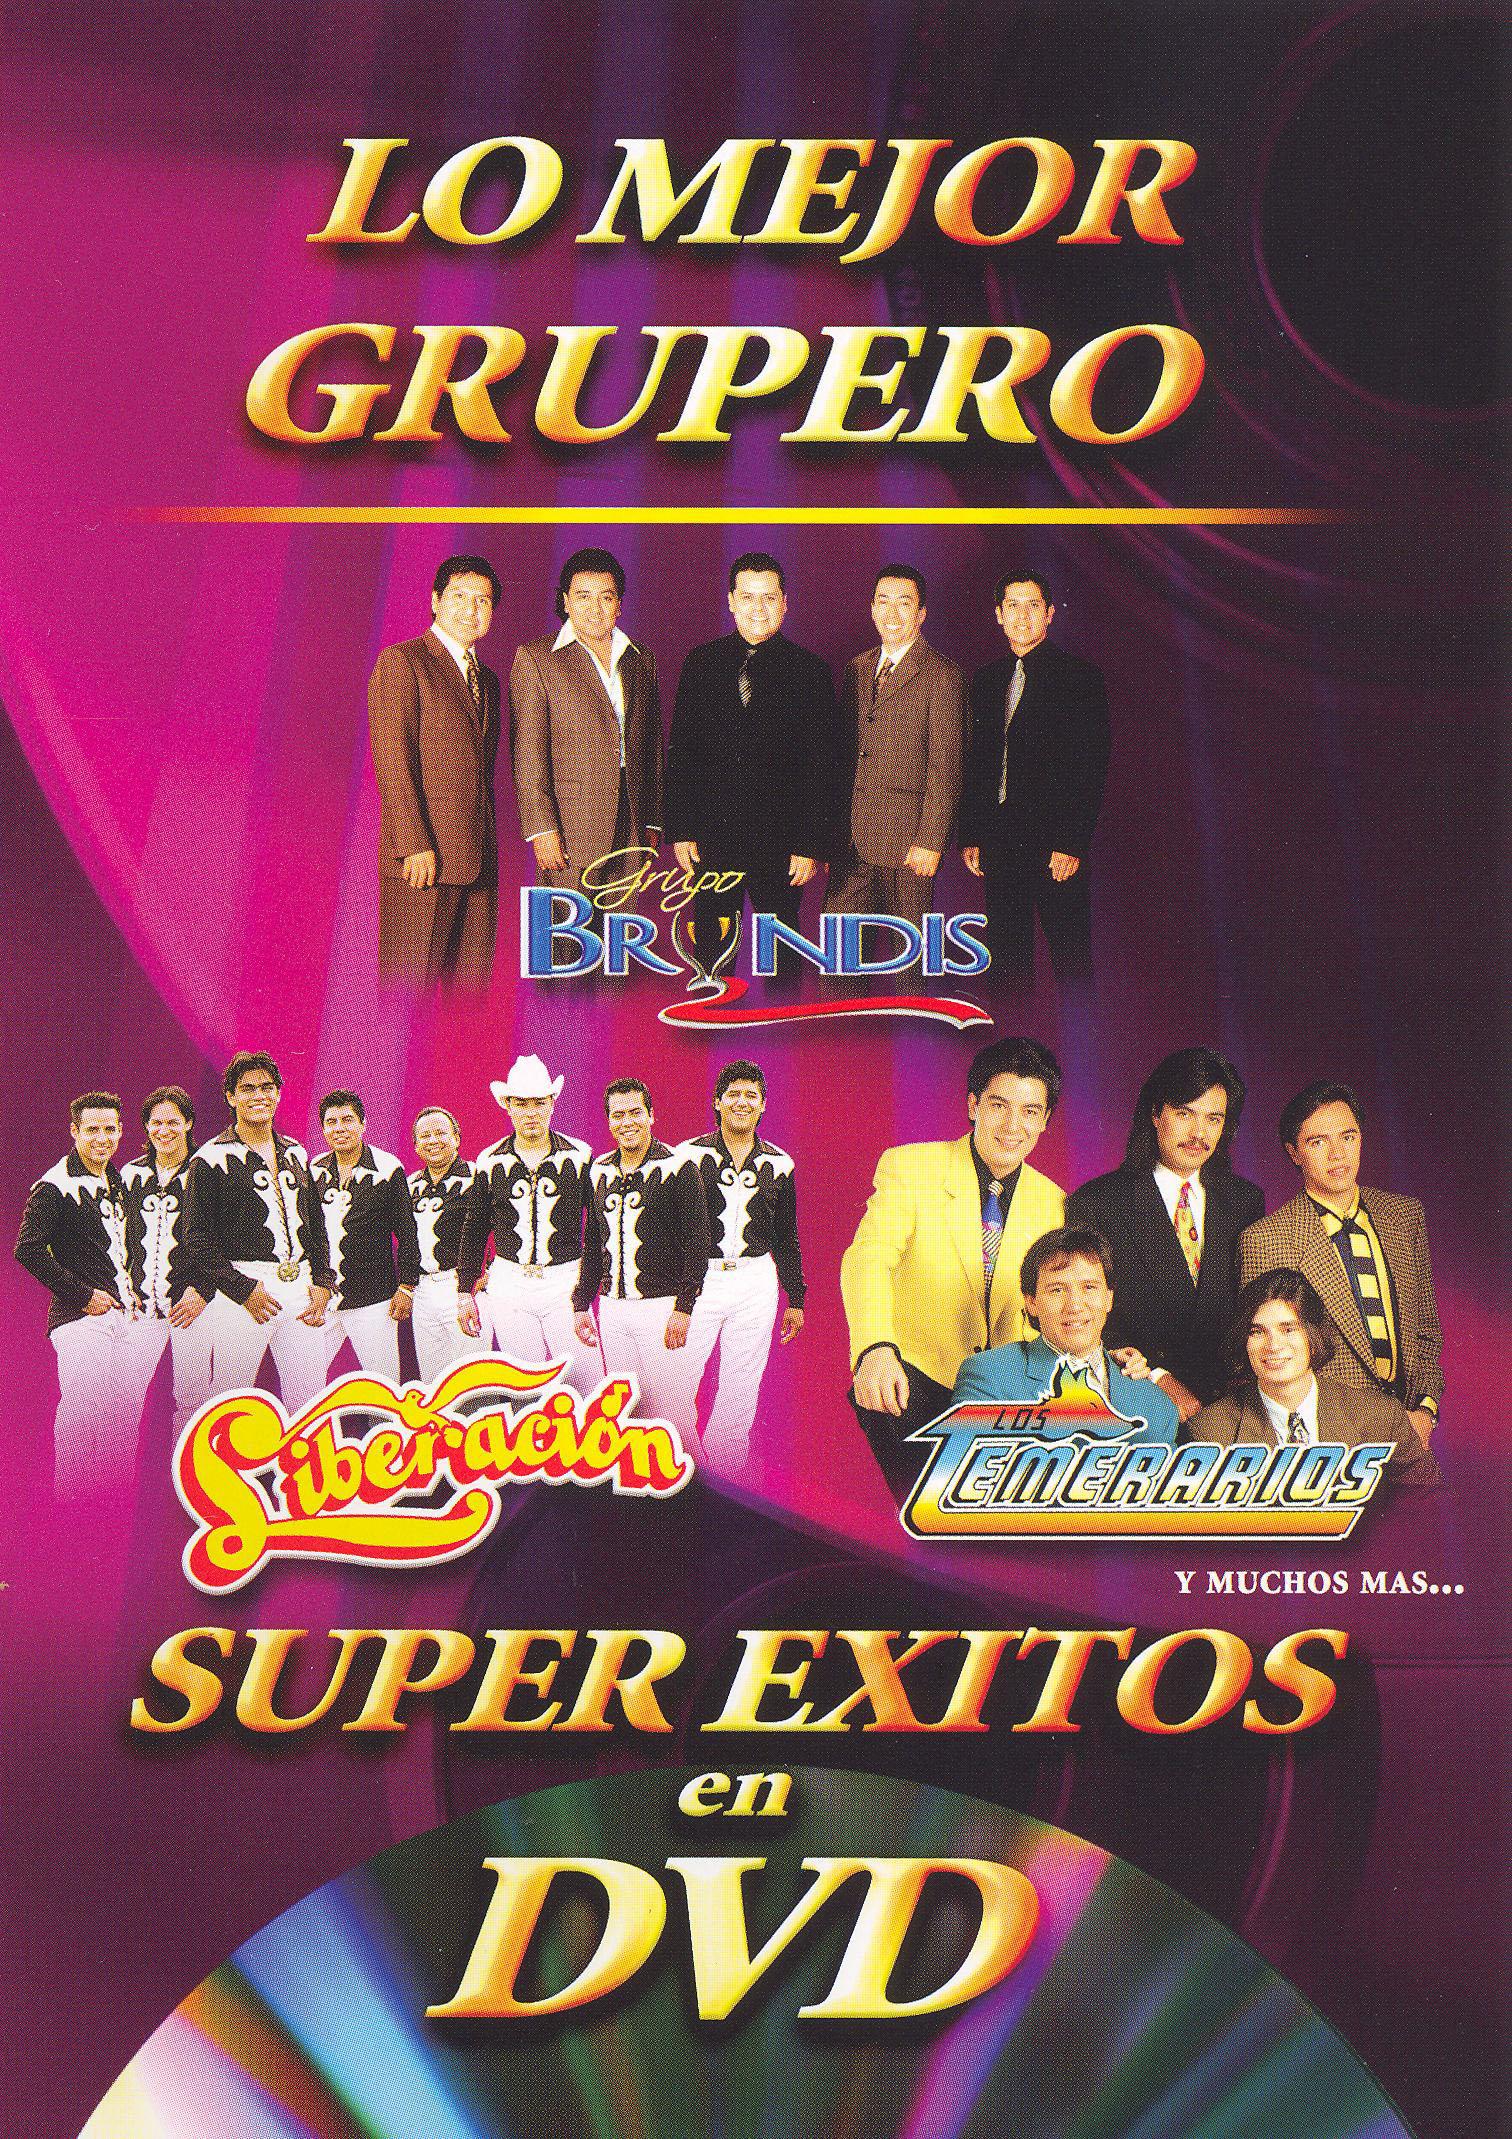 Super Exitos en DVD: Grupero